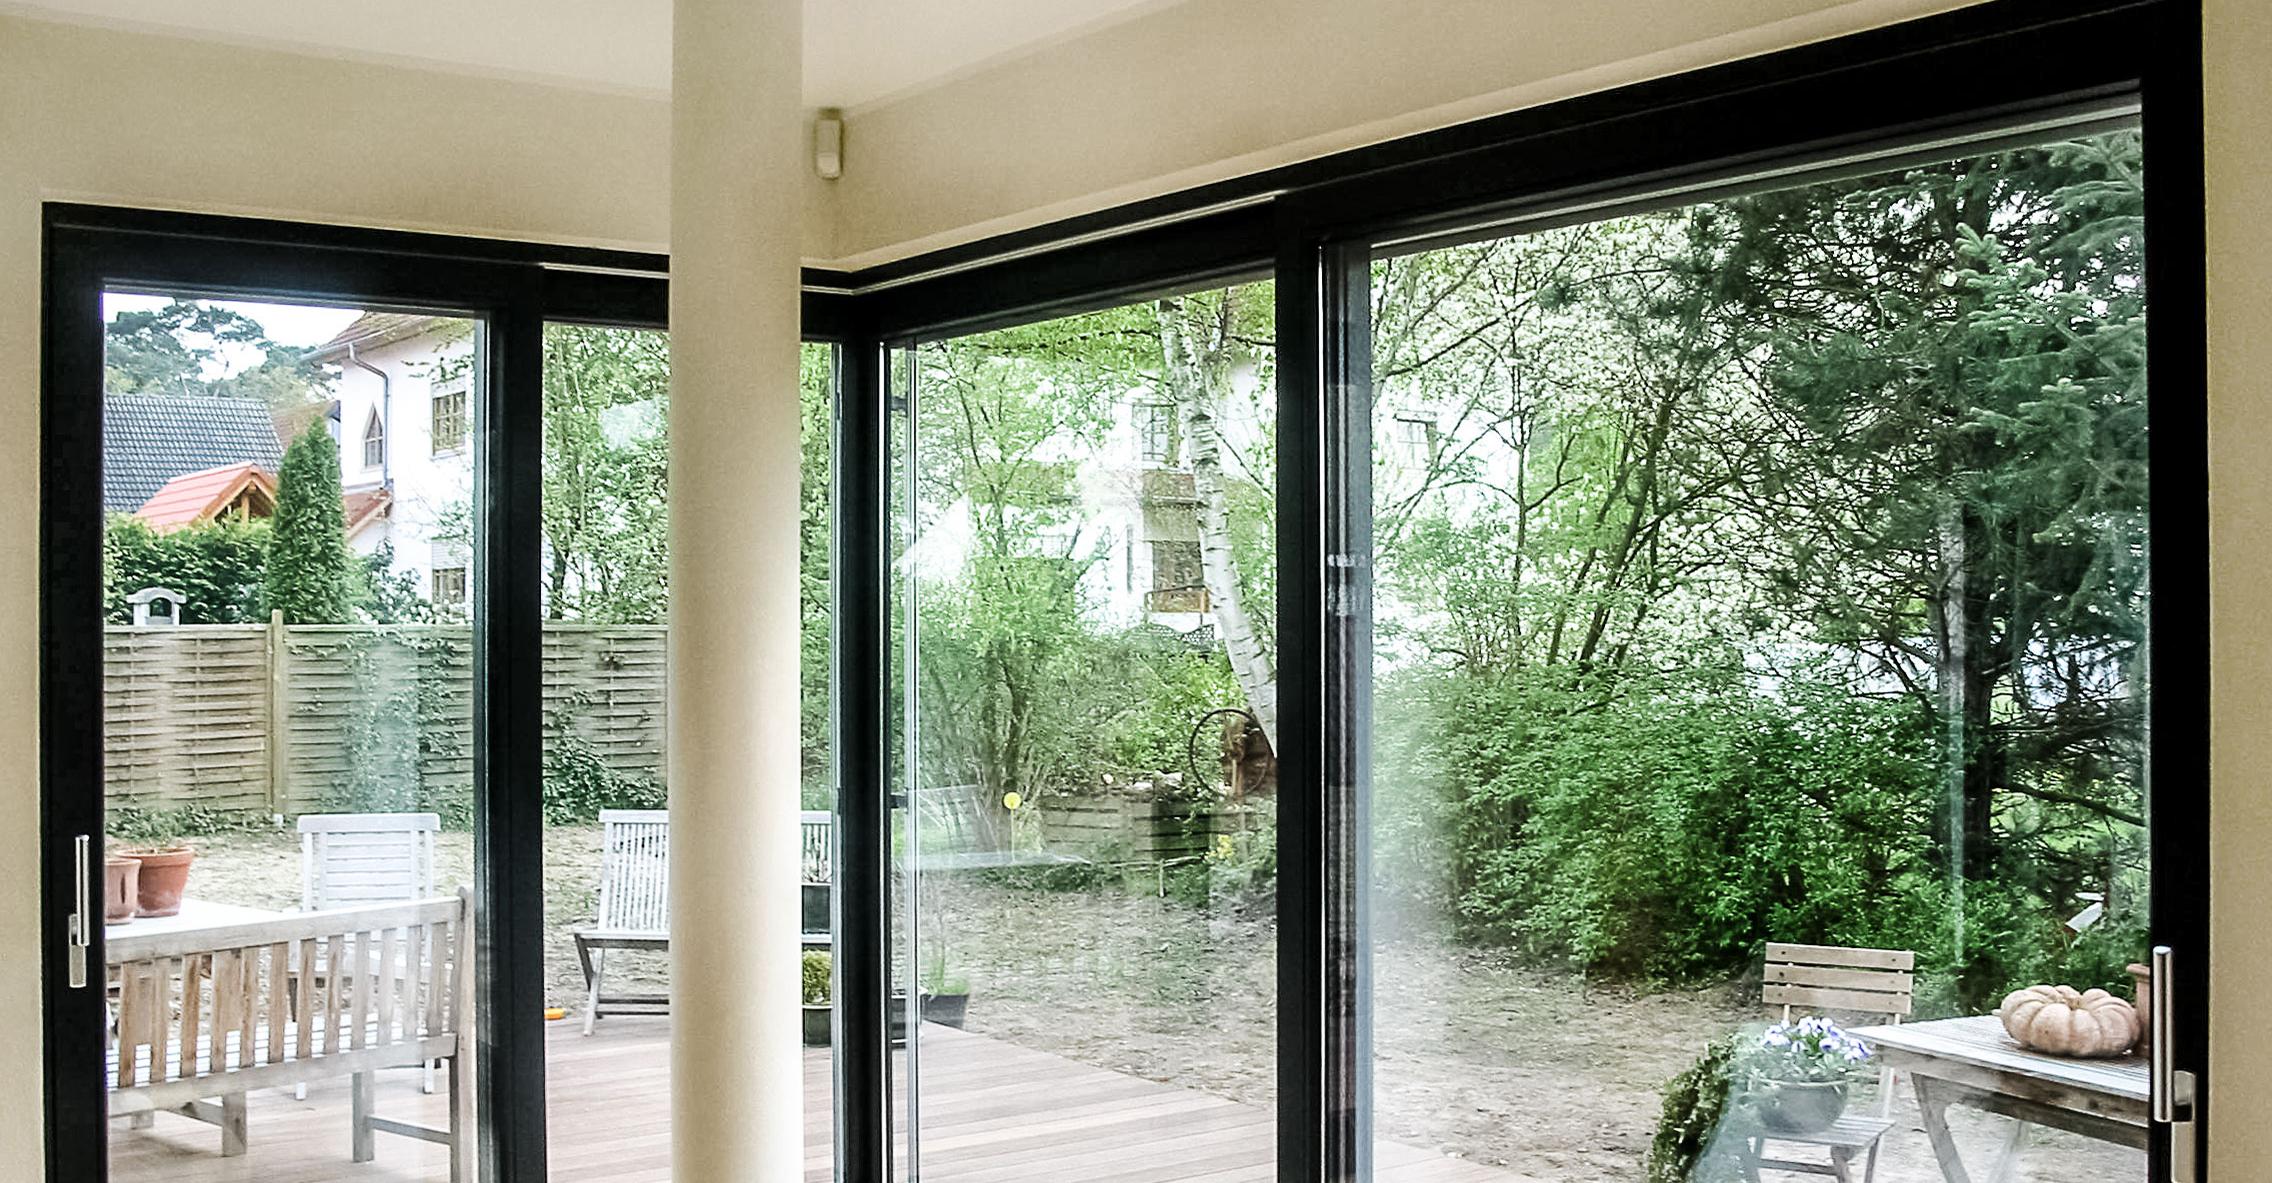 Full Size of Baum Fensterbau Gmbh Fenster Aus Dem Odenwald Fenster Fenster.de